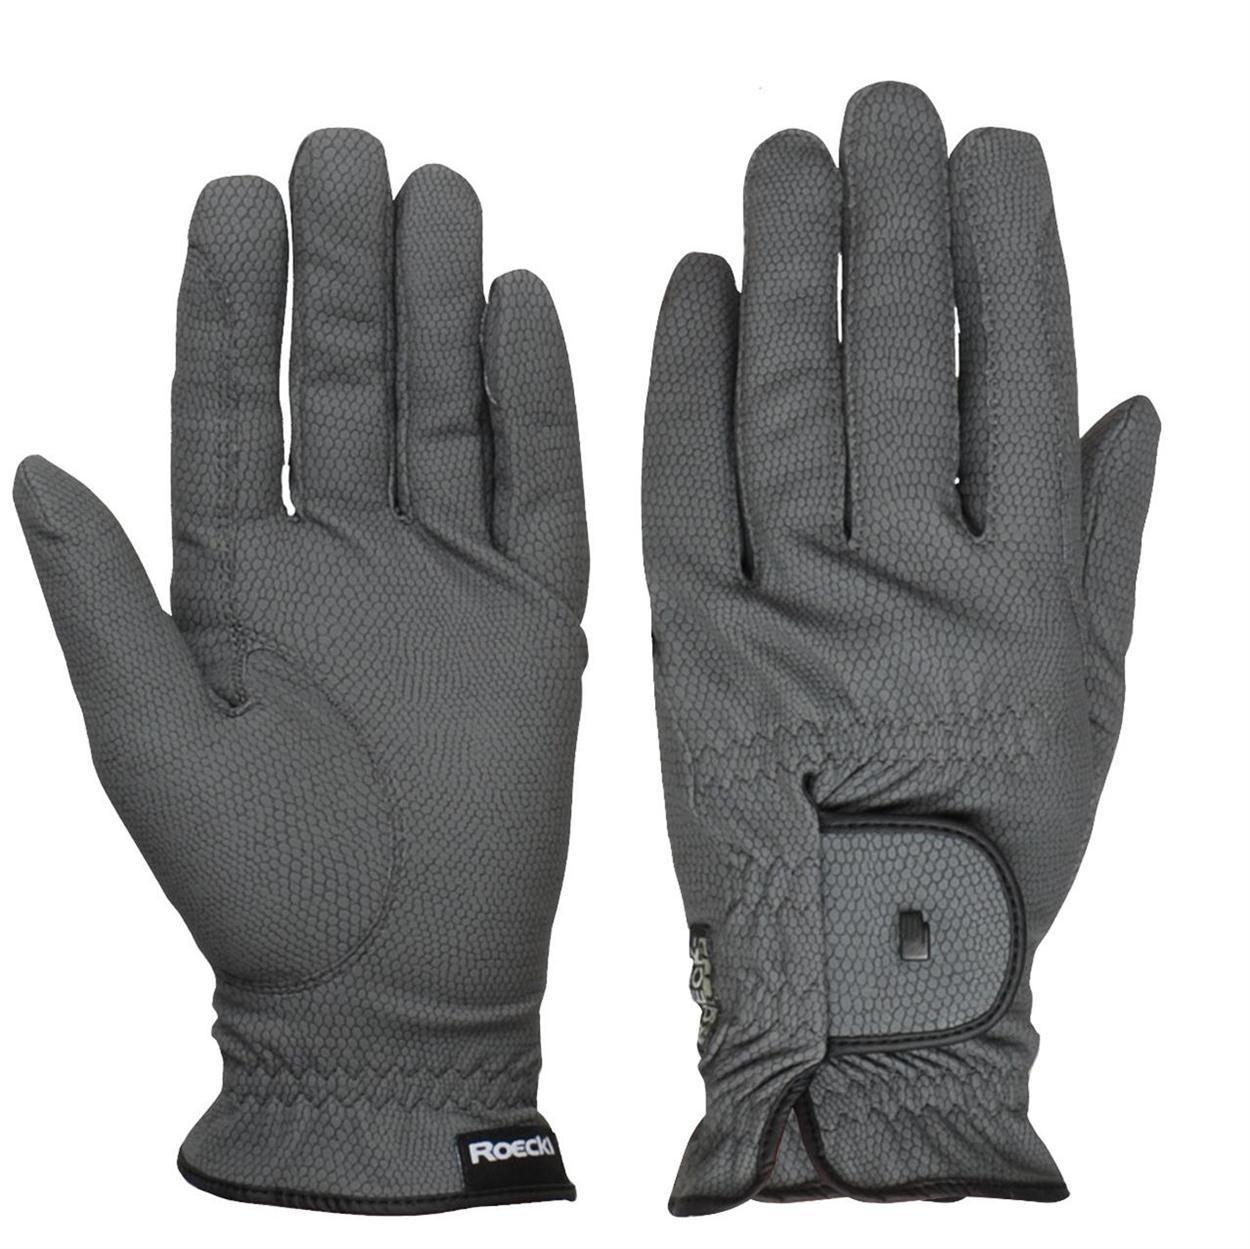 Roeckl Roeck grip Handschoen grijs maat:8